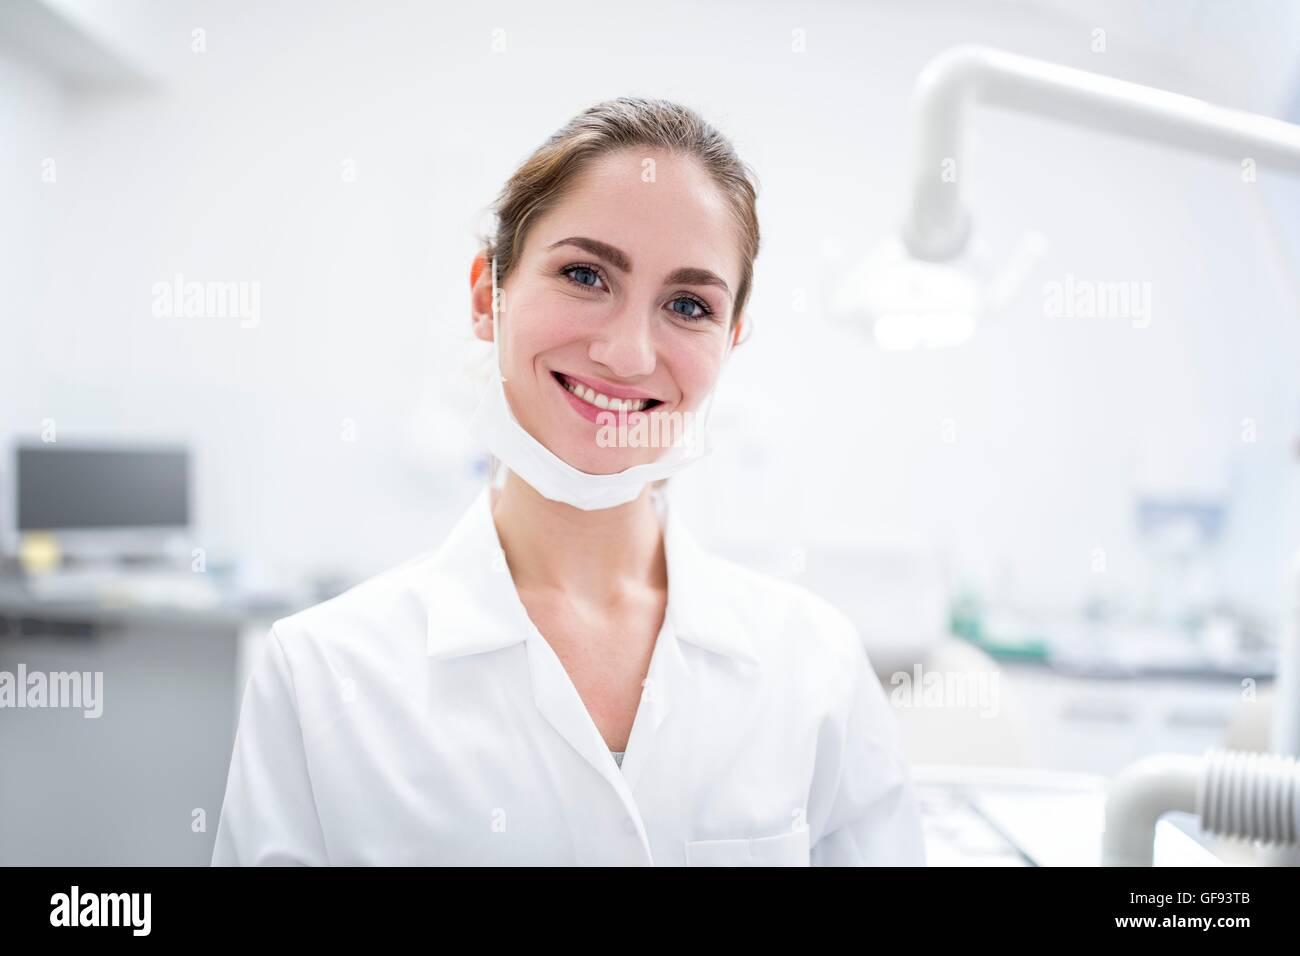 Parution du modèle. Close-up of young woman dentiste, portrait. Photo Stock